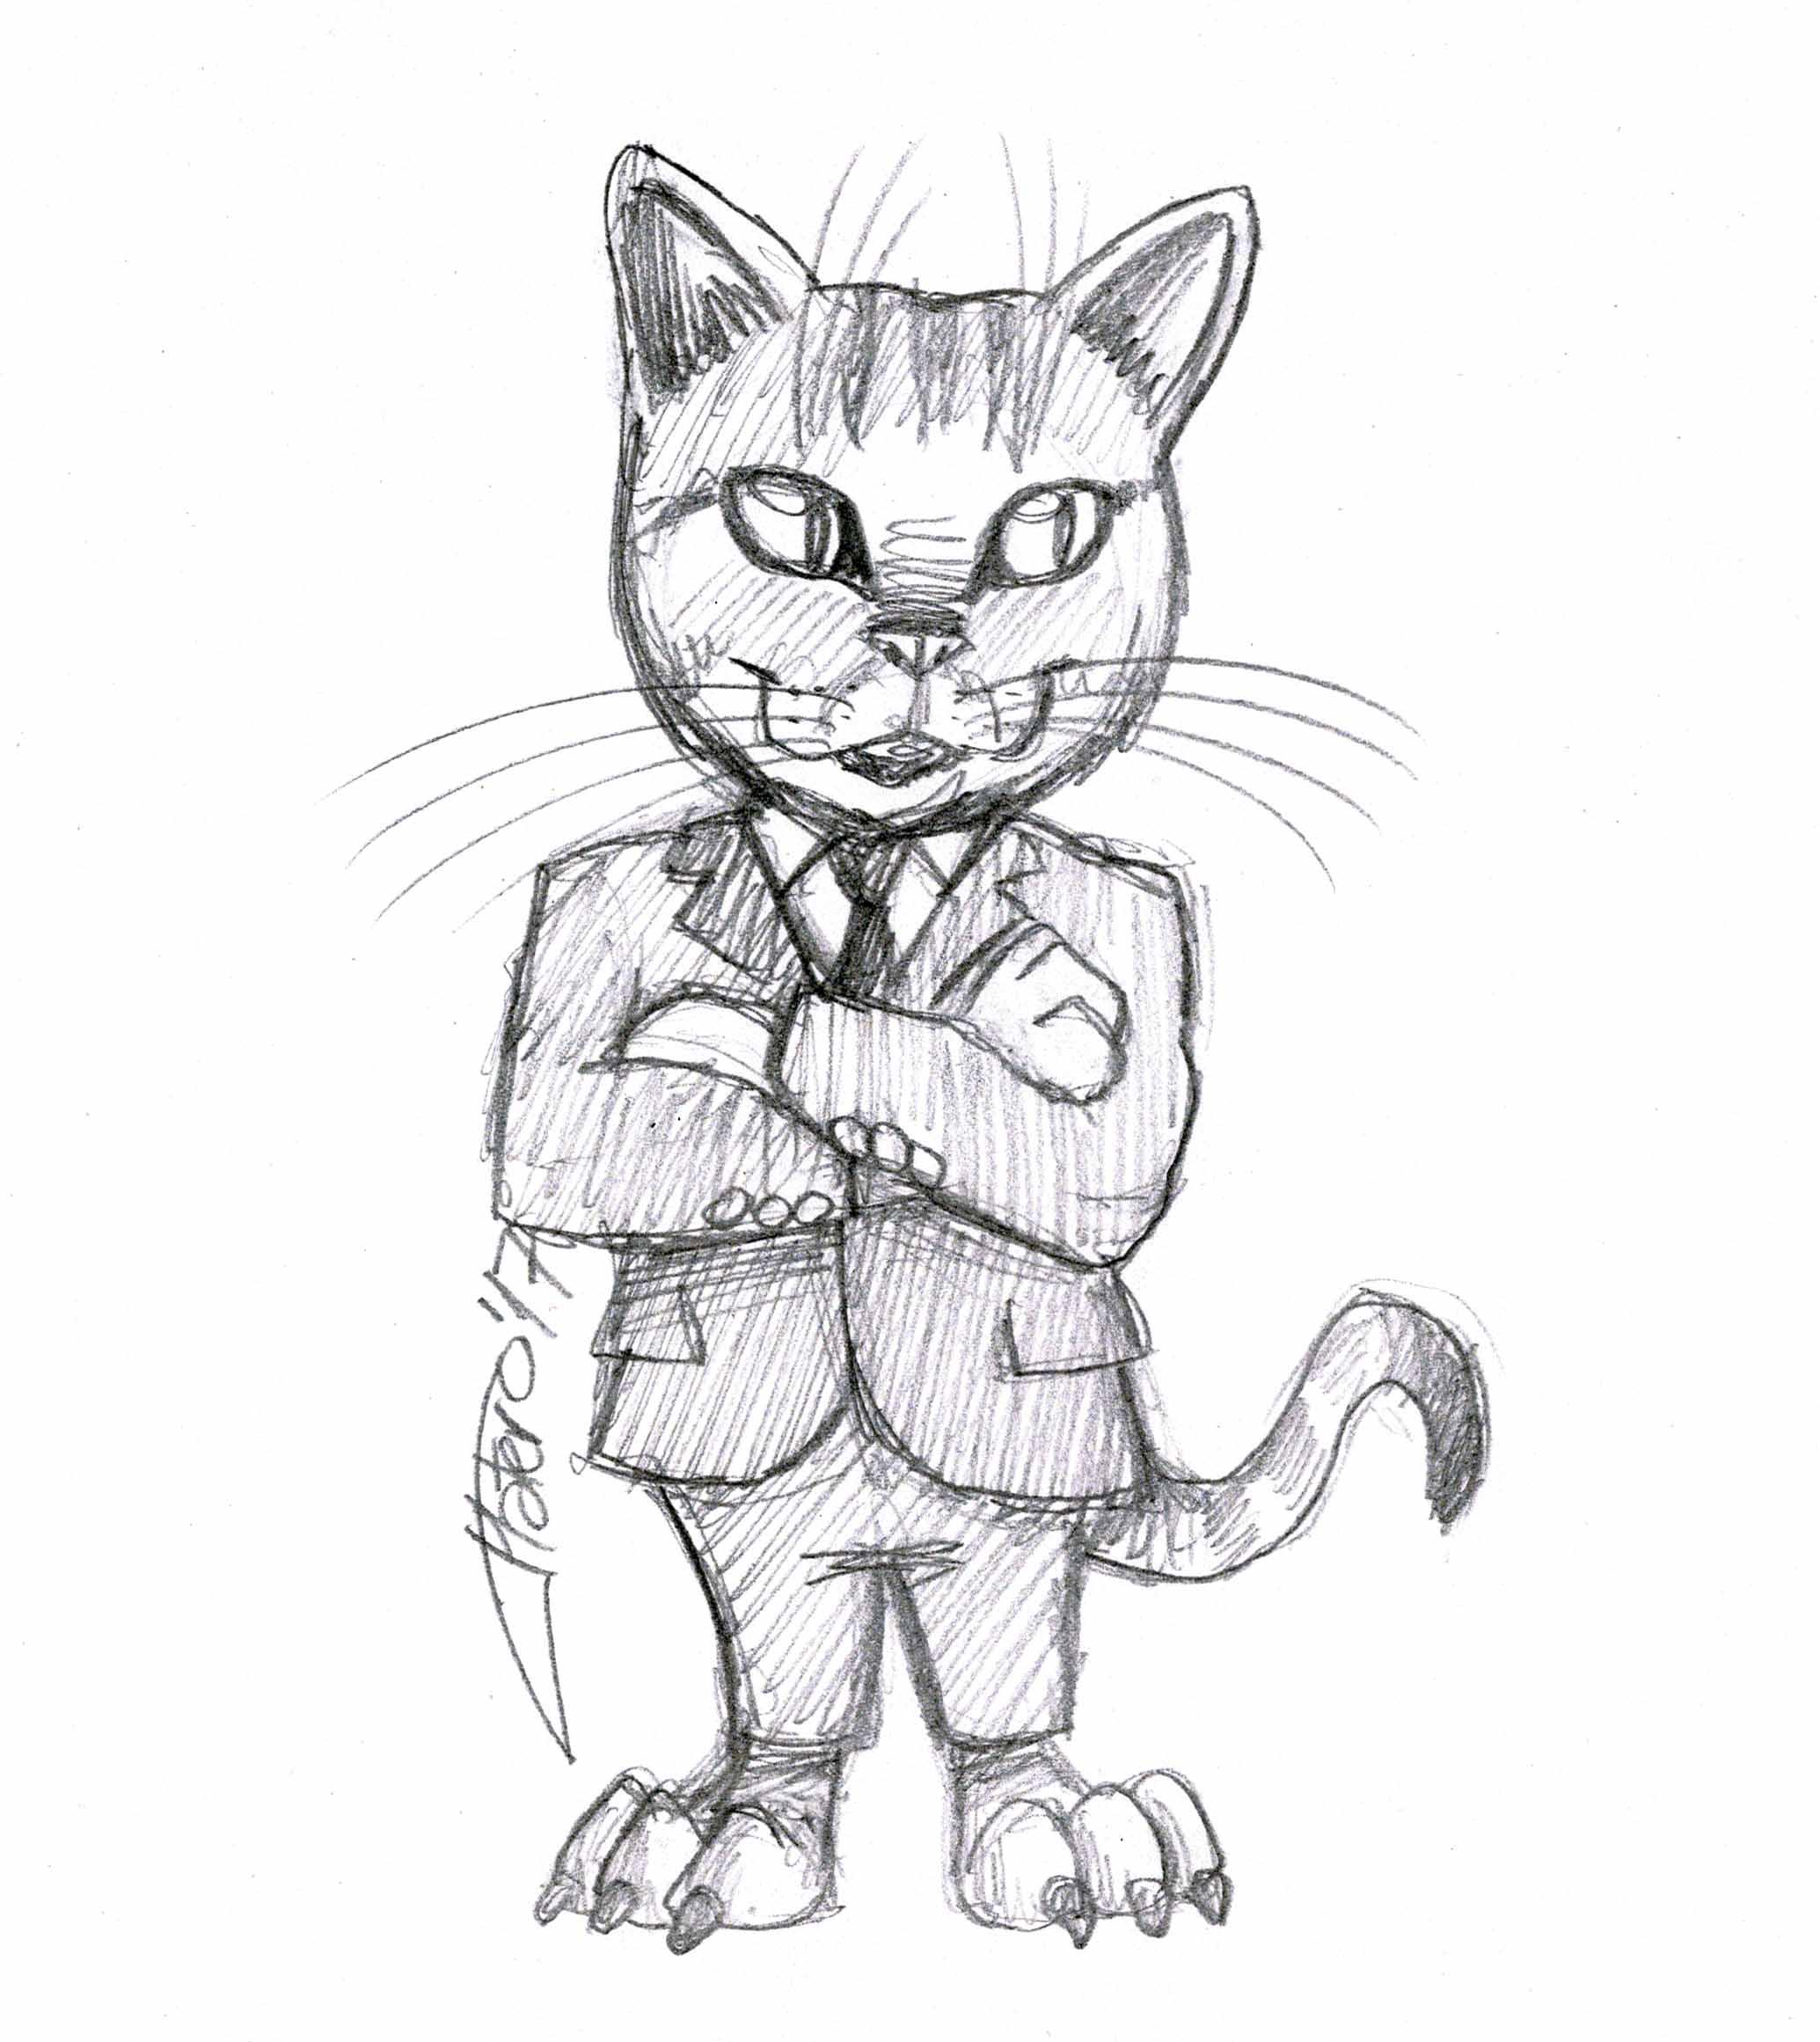 gato elegante_traje_jose_luis_paltero_sketch_lapiz_cat